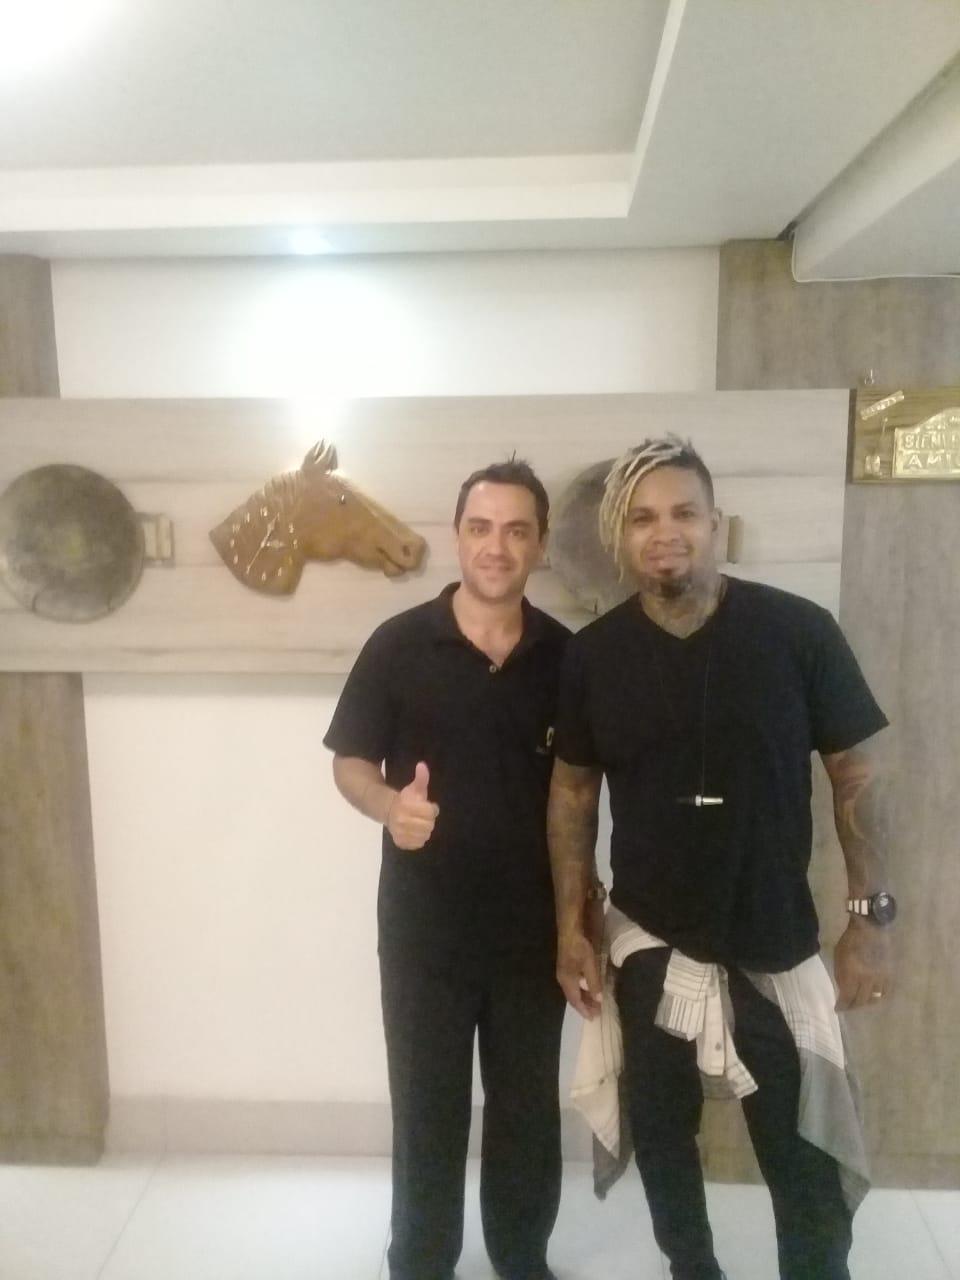 Dallé Hotel - O cantor Rodriguinho passou por Bagé durante a sua turnê e hospedou-se no Dallé Hotel.